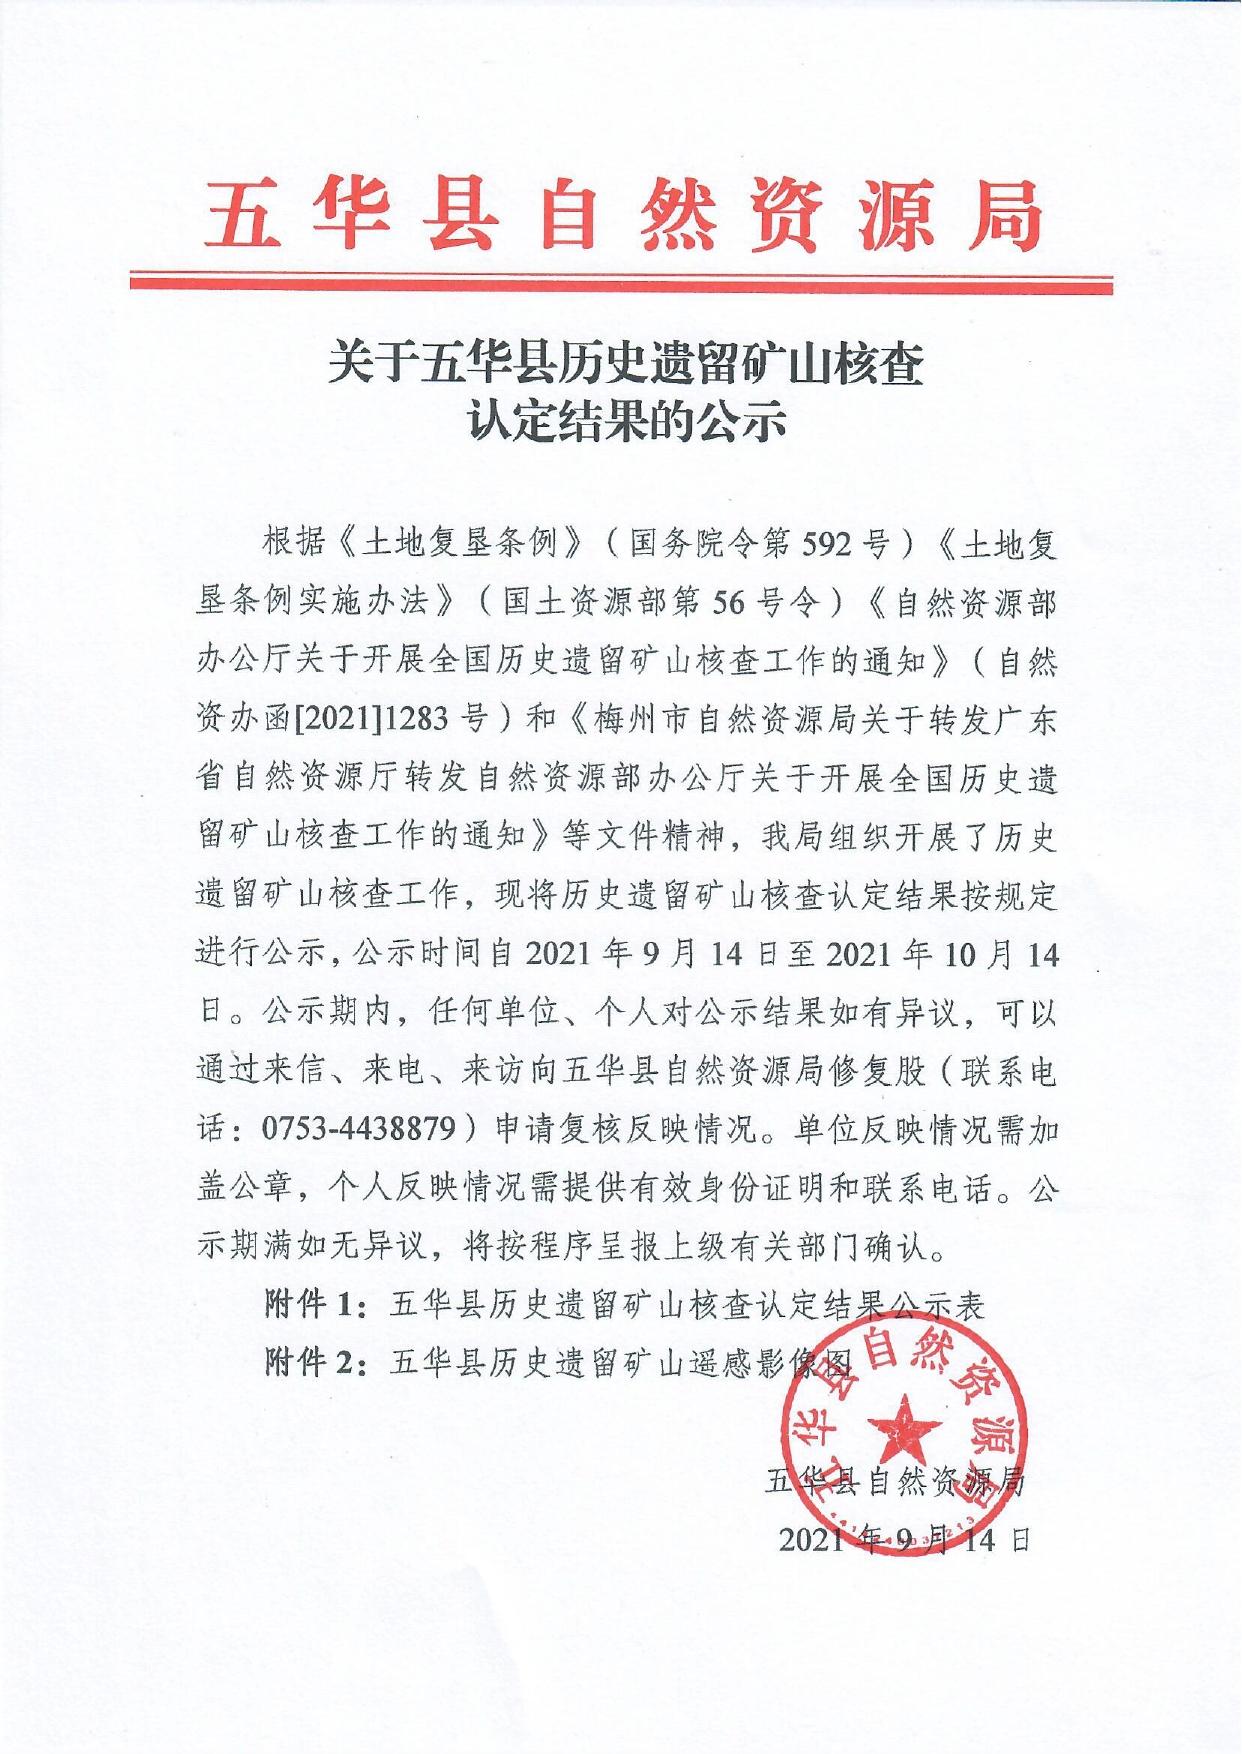 关于五华县历史遗留矿山核查认定结果的公示0000.jpg